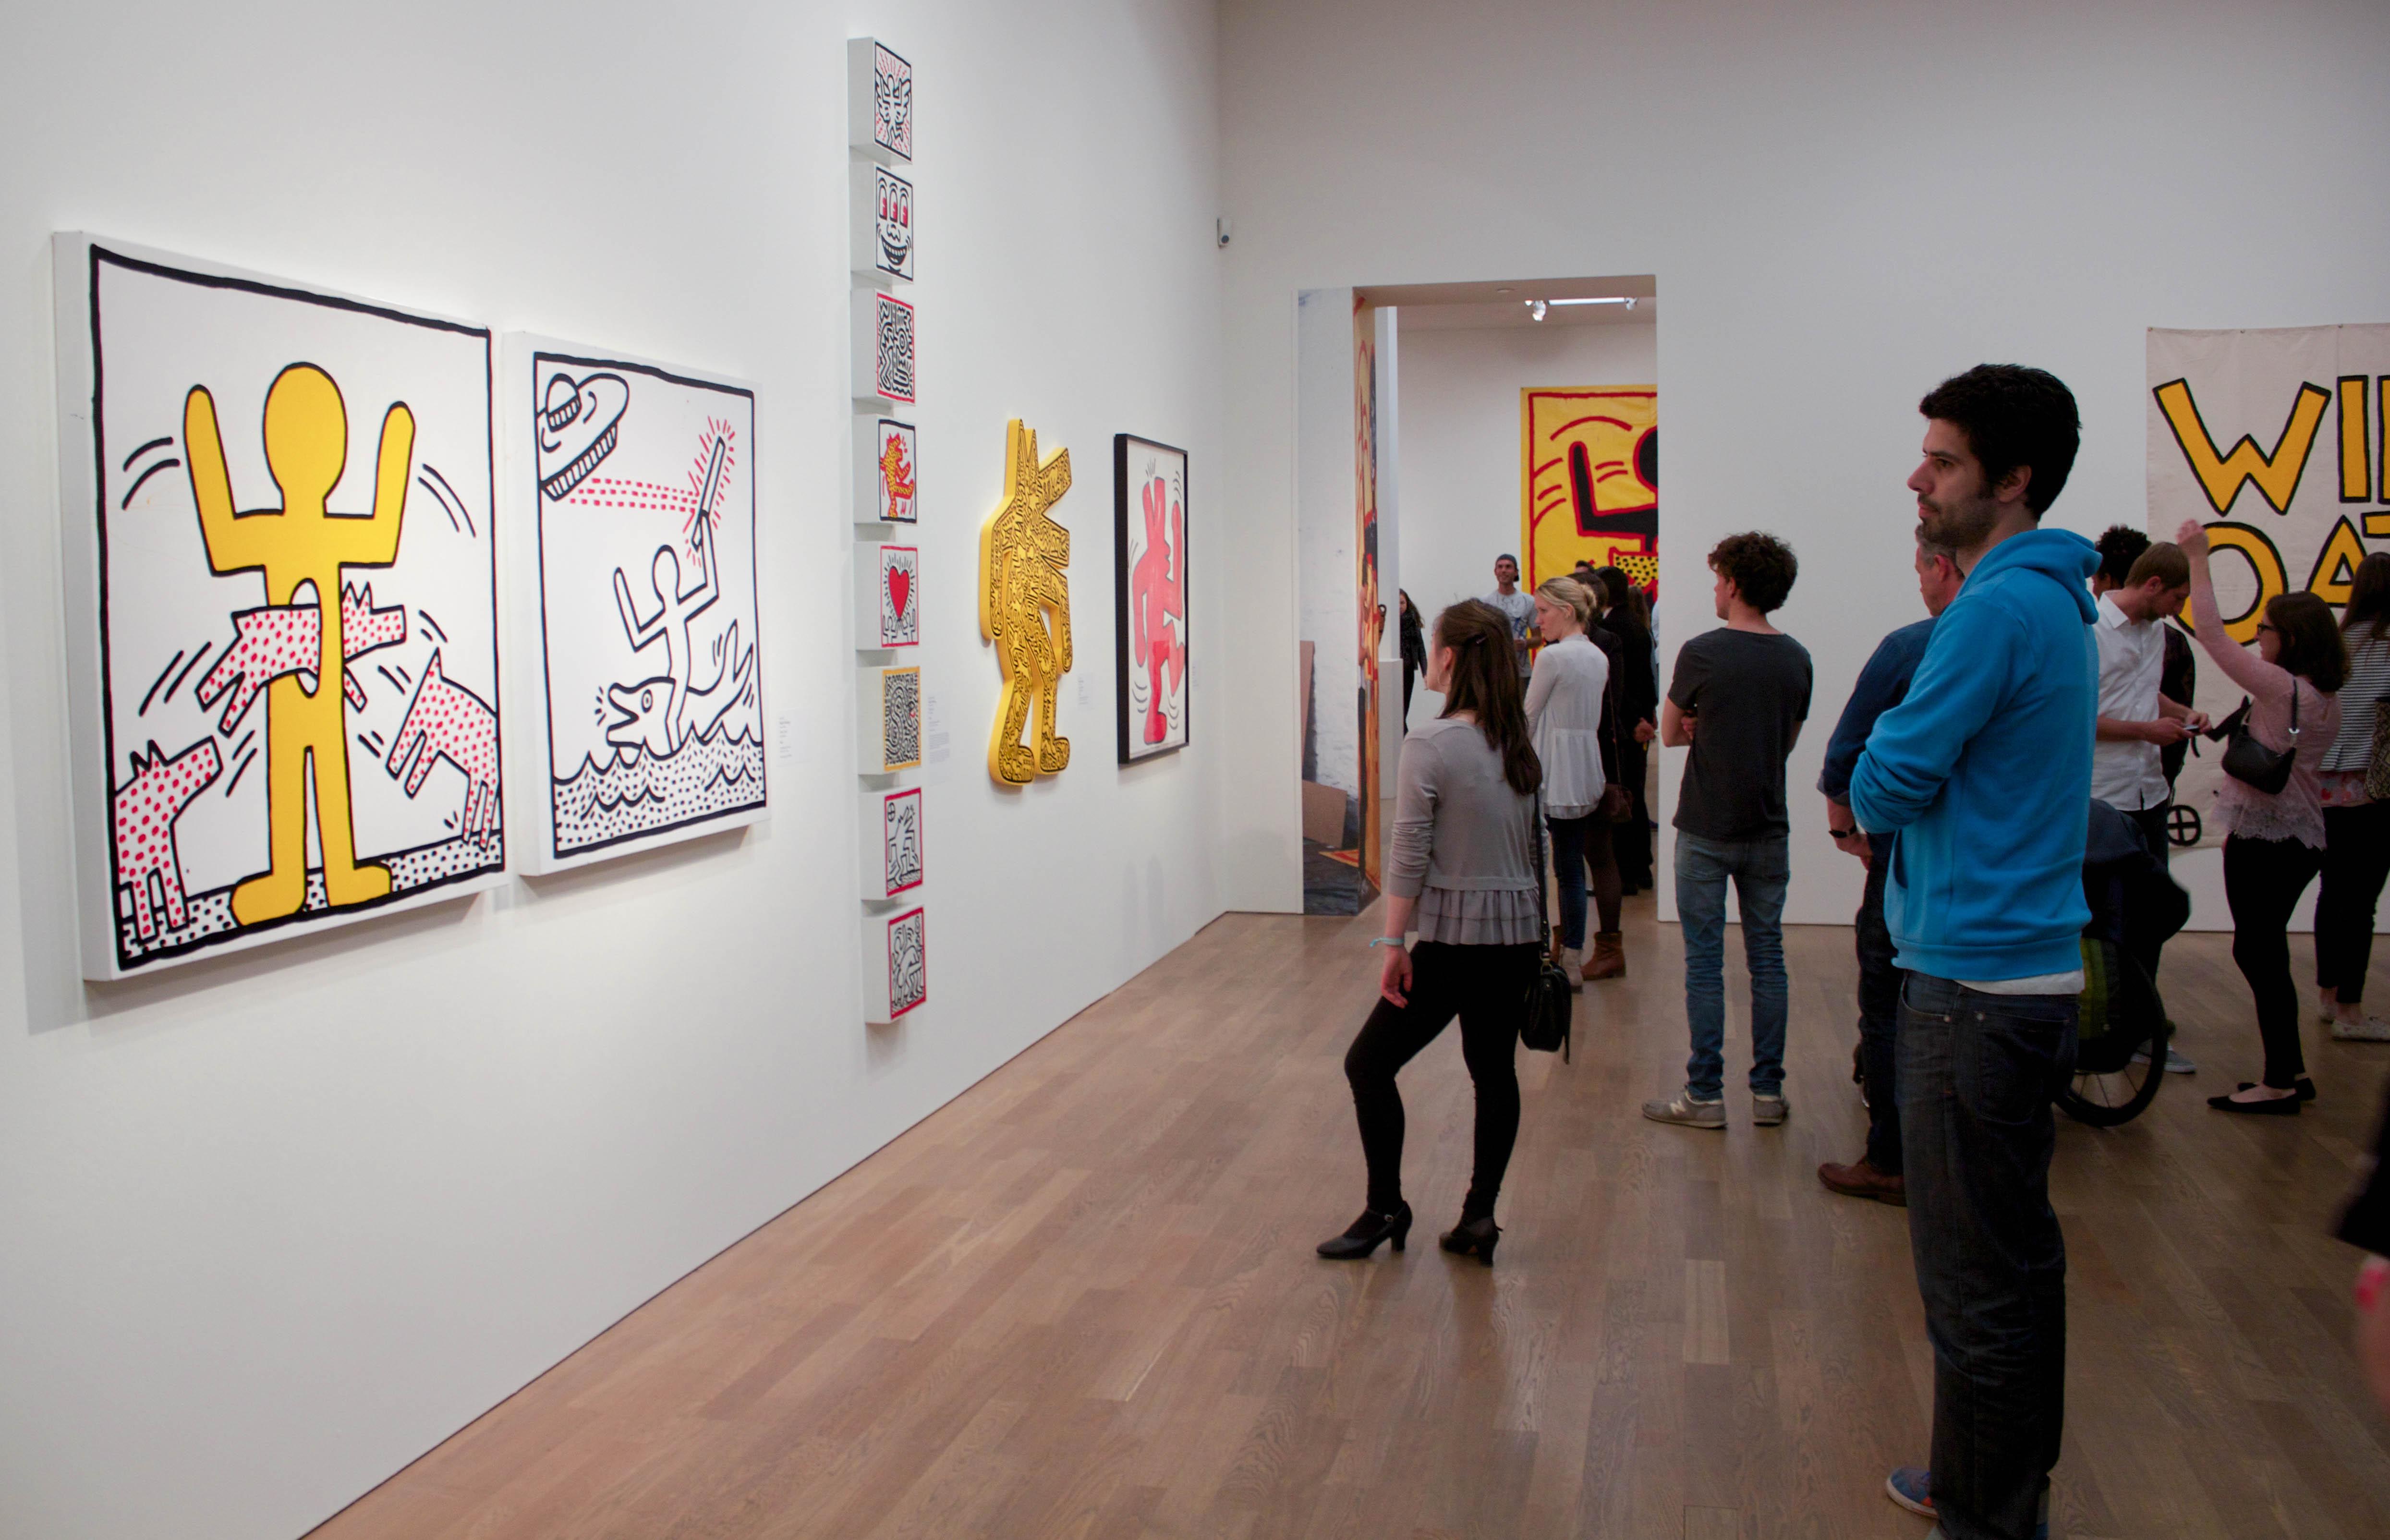 React In Der Hypo Kunsthalle Zur Keith Haring Ausstellung